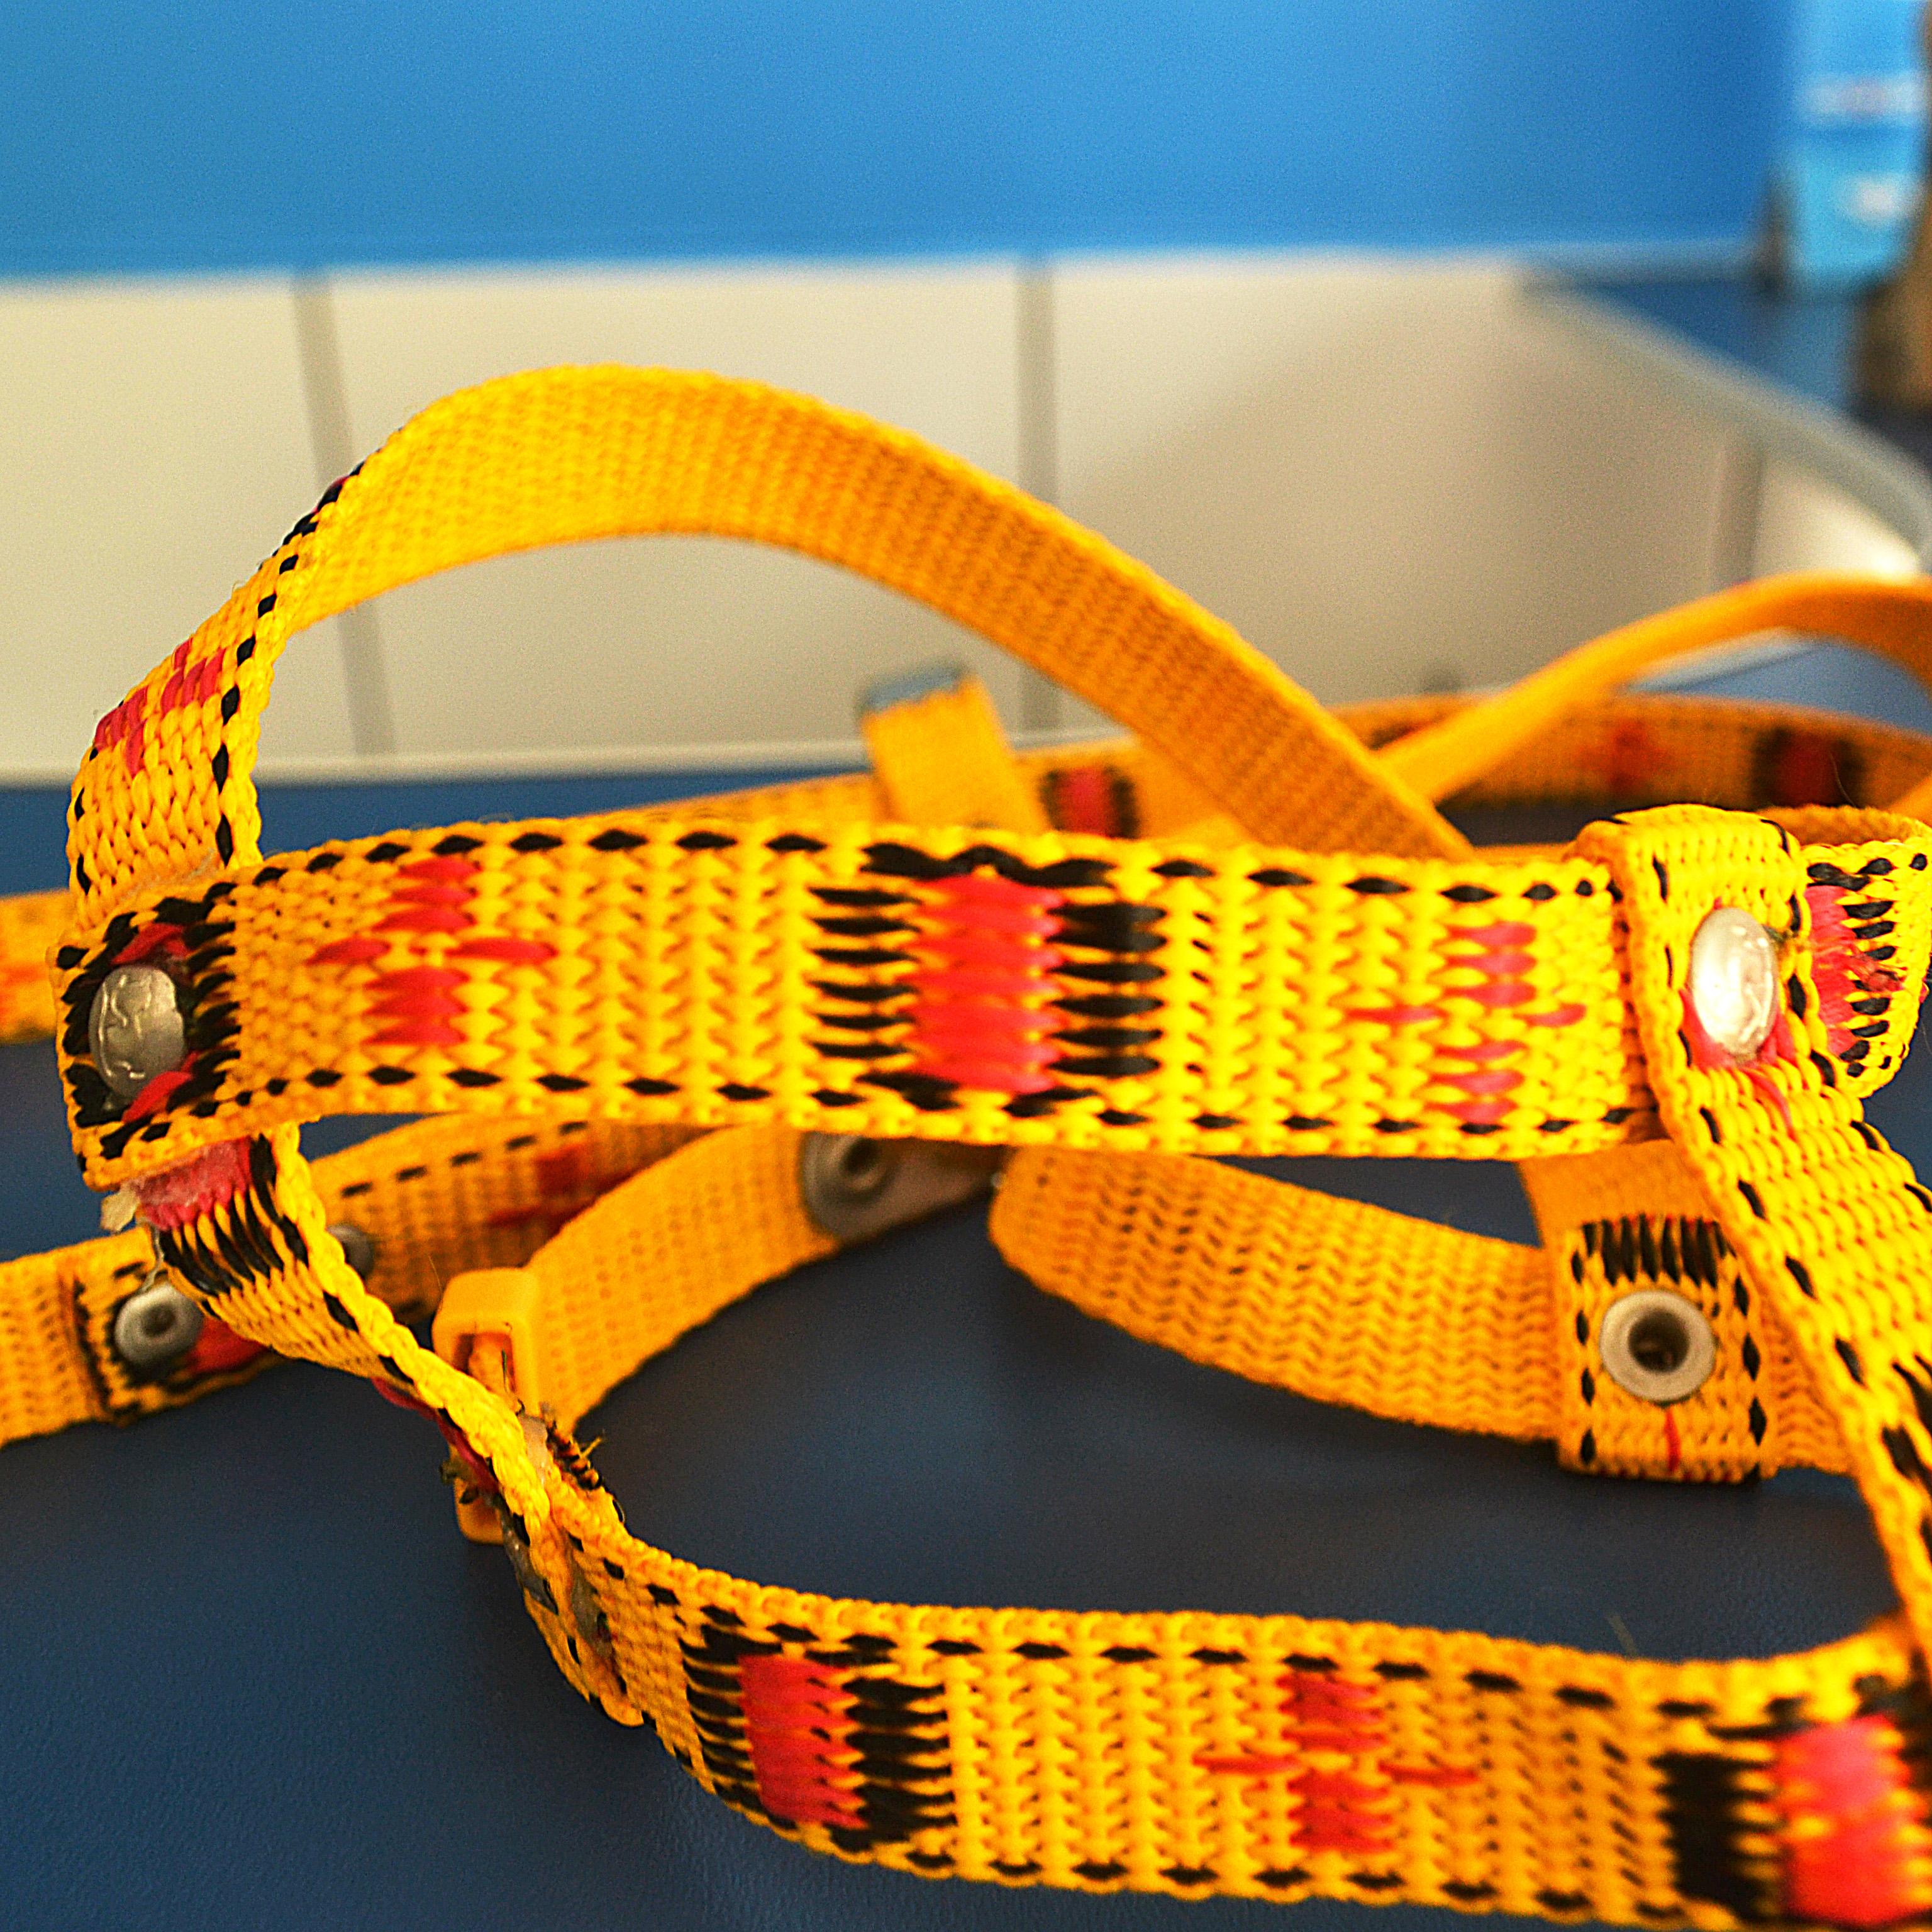 Peitoral com Guia tiras médias pequeno porte yellow & red - mundodaspataspet.com.br